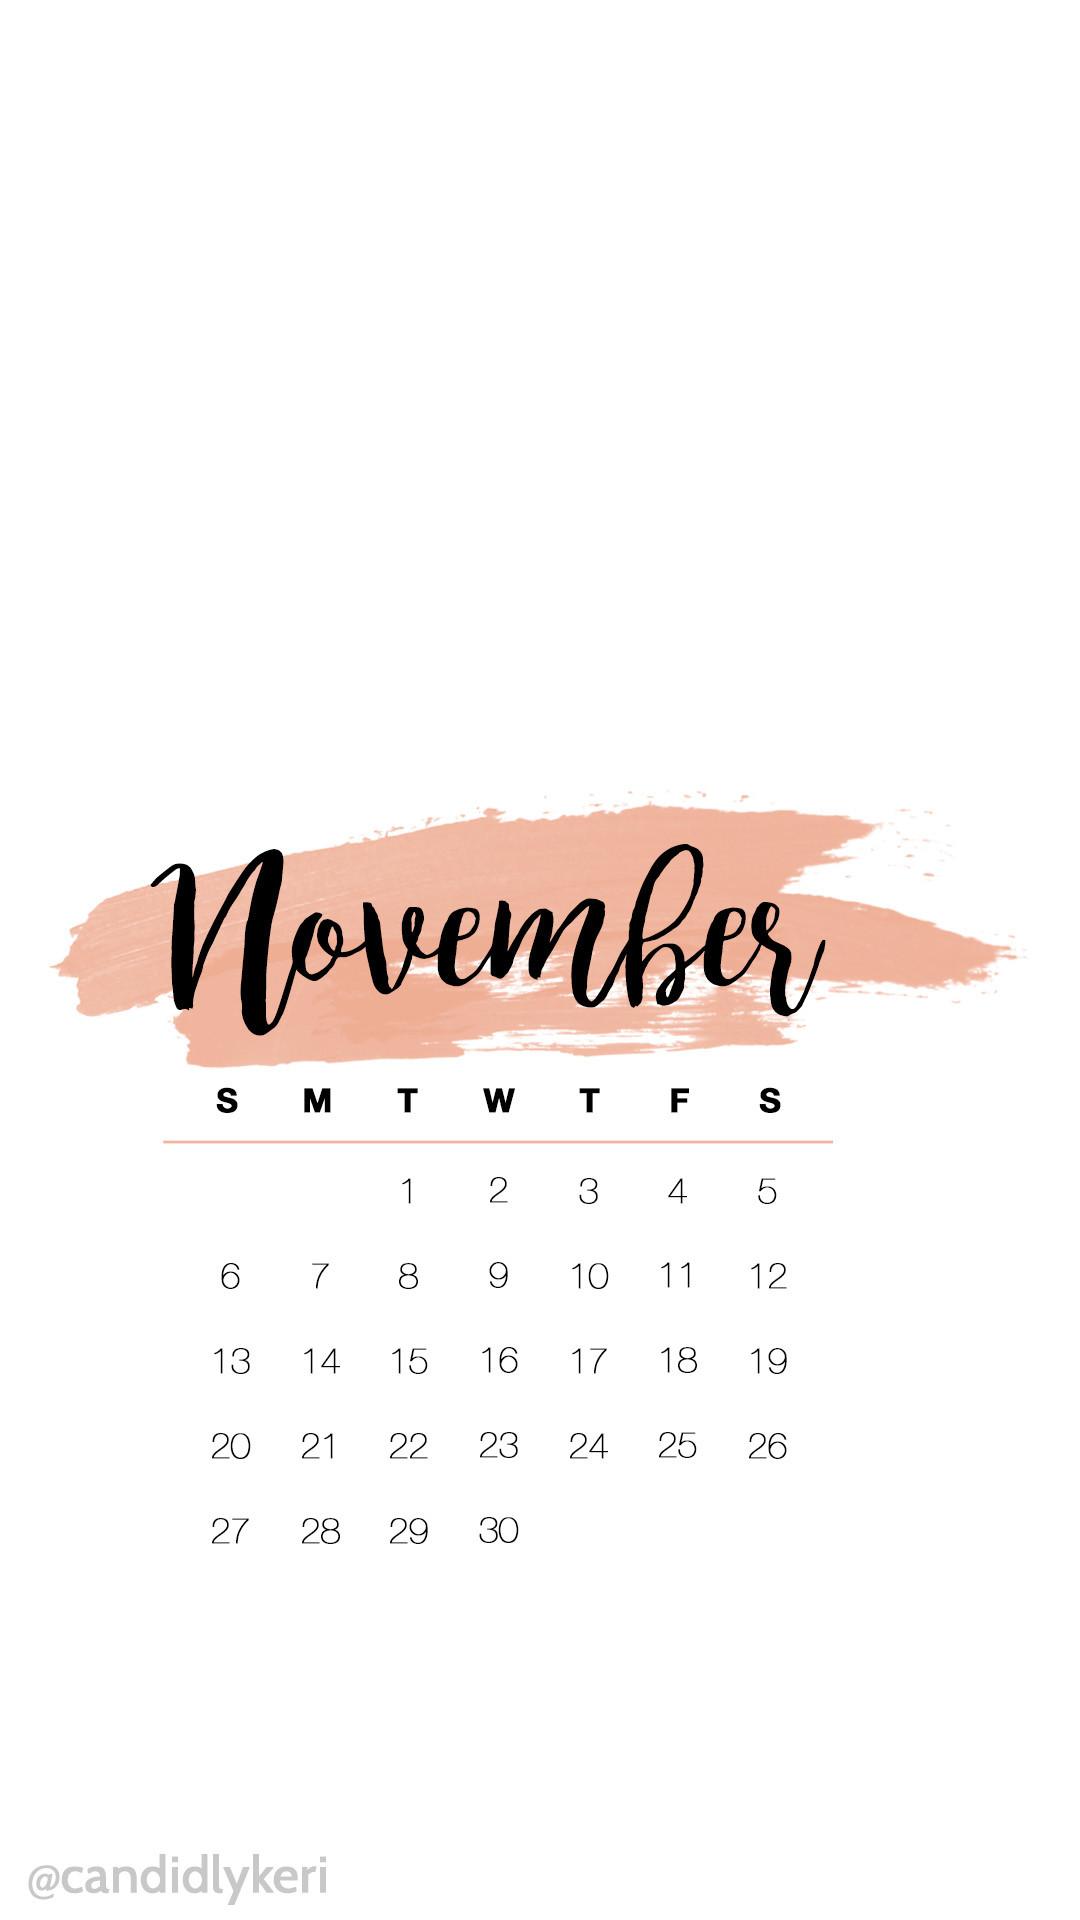 november february november calendar